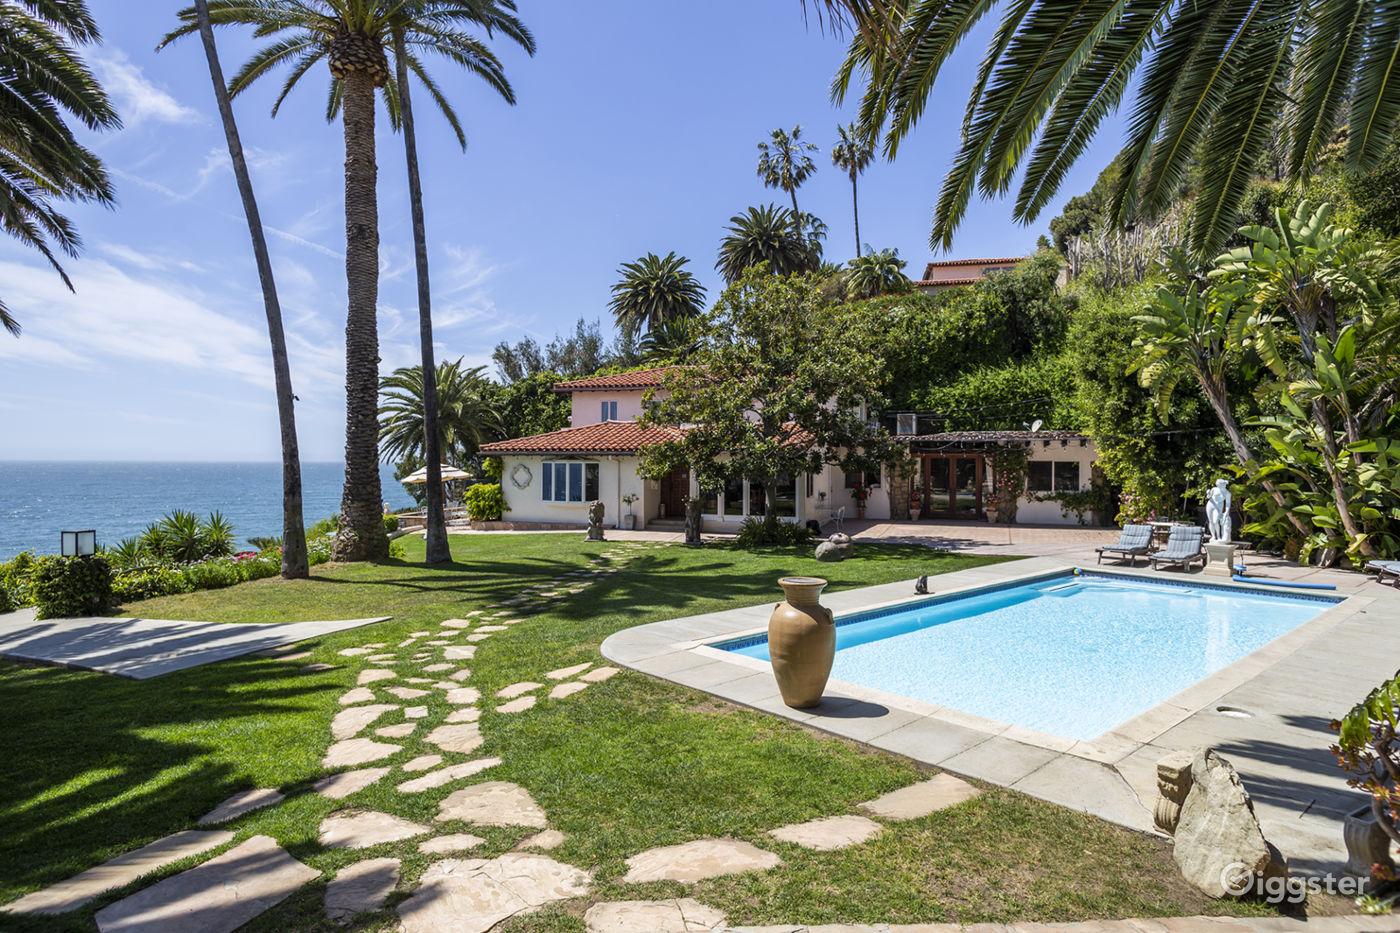 Tropical Villa w/ Pool Overlooking the Ocean in Malibu Los Angeles Rental